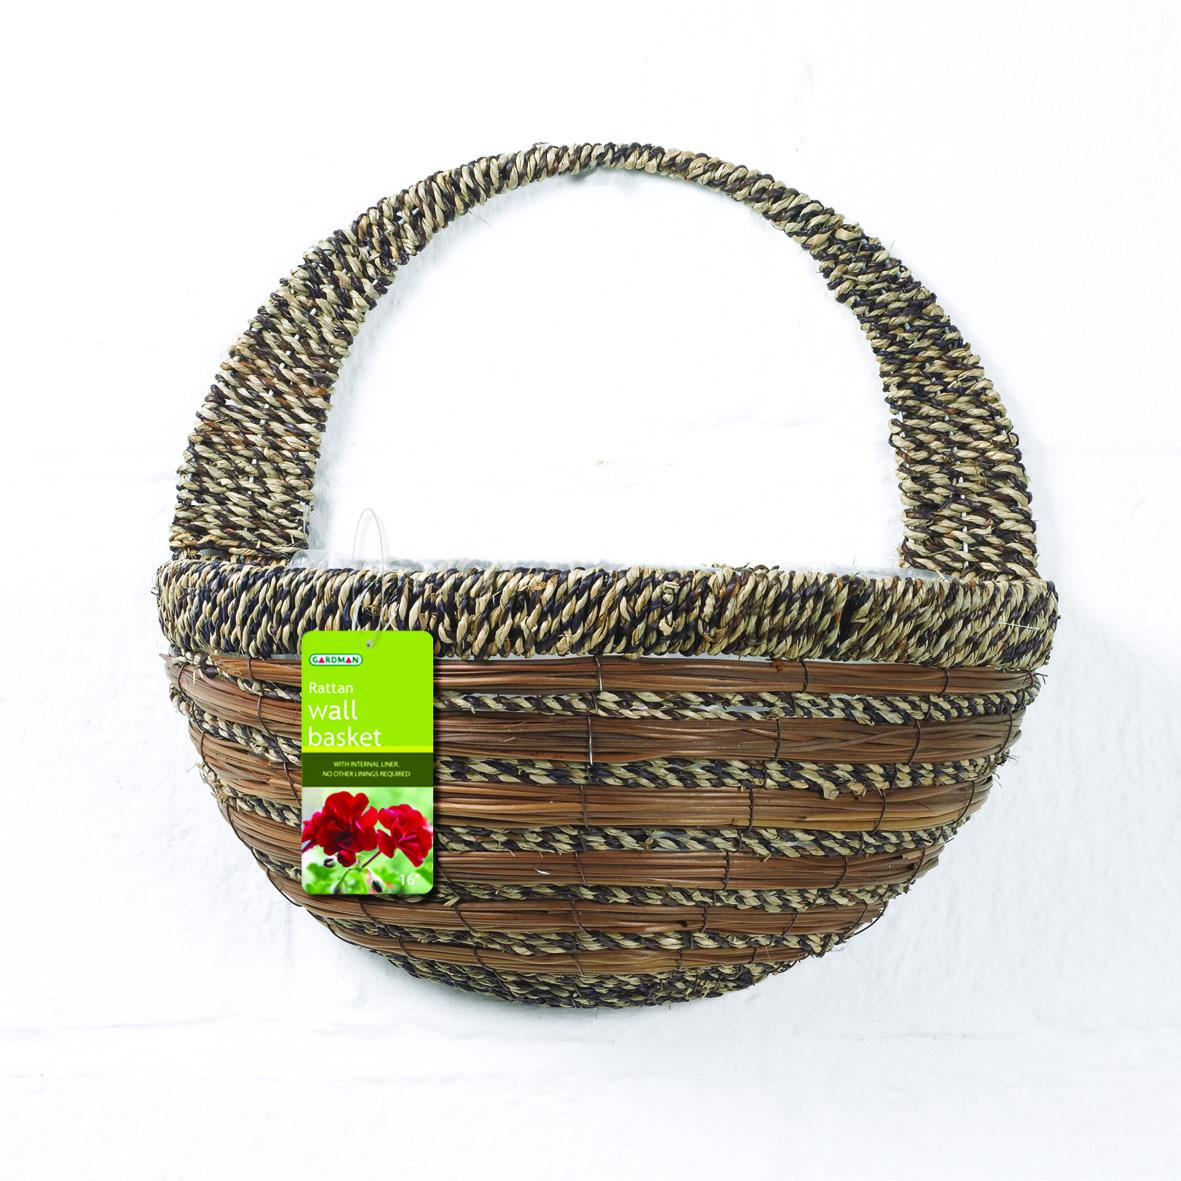 Кашпо настенное Gardman, 40 см х 20 см х 19 см. 0278002780Настенное кашпо Gardman выполнено в виде плетеной корзинки из сизалевого волокна. Каркас изготовлен из металла. Корзина уже оснащена специальной пленкой и полностью готова для посадки растений. Прекрасно подходит для цветов.Кашпо часто становятся последним штрихом, который совершенно изменяет интерьер помещения или ландшафтный дизайн сада. Благодаря такому кашпо вы сможете украсить вашу комнату, офис или сад. Характеристики: Материал: металл, сизаль. Размер углубления для посадки (ДхШхВ): 40 см х 20 см х 19 см. Общий размер кашпо (ДхШхВ): 40 см х 22 см х 40 см. Товары для садоводства от Gardman - это вещи, сделанные с любовью, с истинно английской практичностью, основанной на глубоких традициях садоводства Великобритании. Эти товары широко известны садоводам Европы, США, Канады и Японии. Демократичные цены и продуманный ассортимент Gardman завоевал признательность и российского покупателя, достойного хороших, качественных вещей. В ассортименте Gardman есть практически все, что нужно современному садоводу - от совочка для рассады до предметов декора и ландшафтного дизайна.